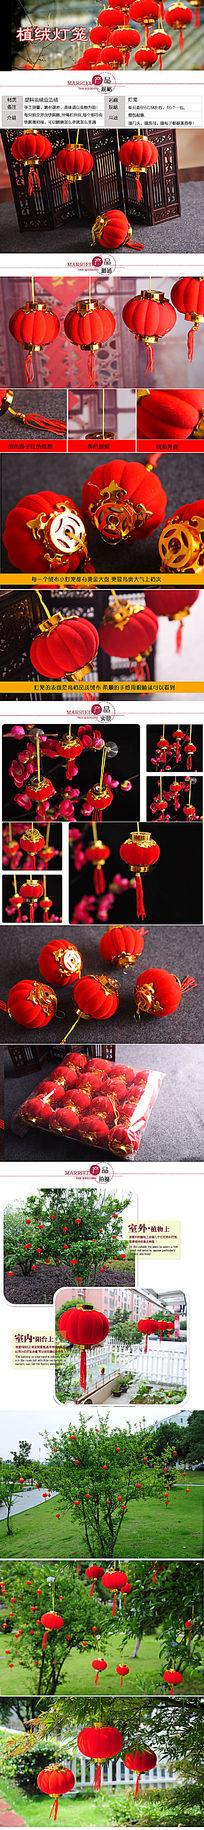 婚庆新年小红灯笼装饰详情页